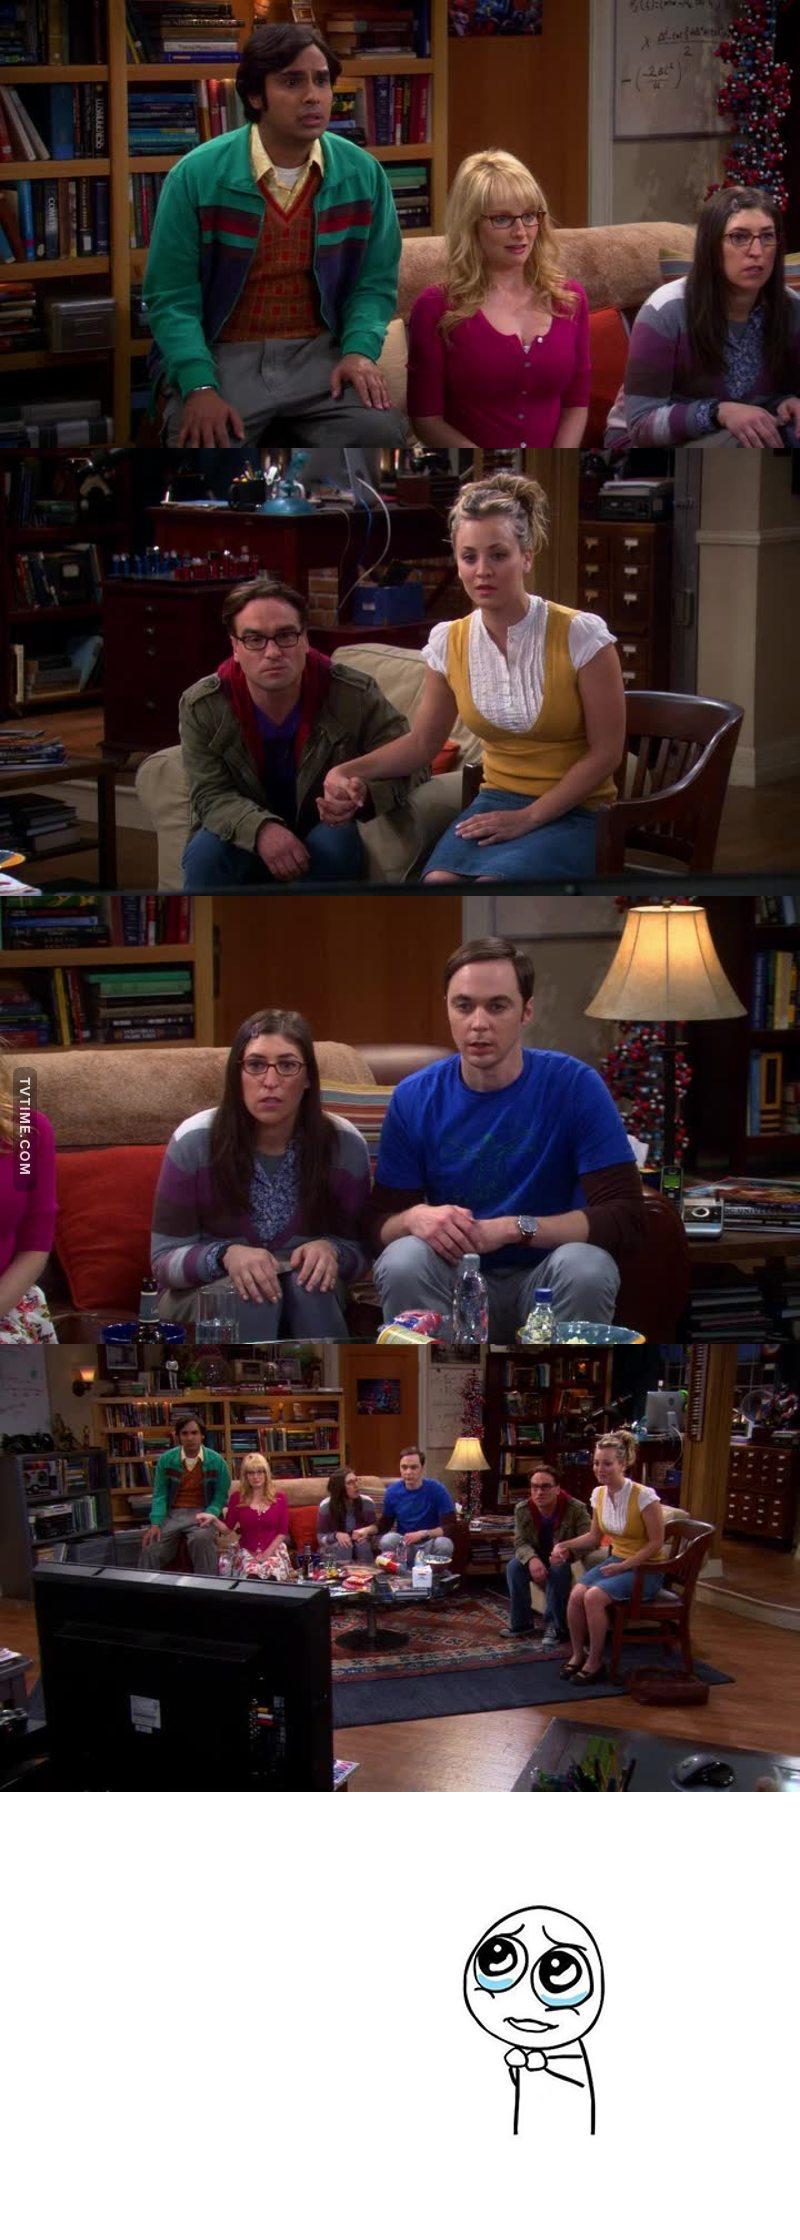 This scene 😥💔